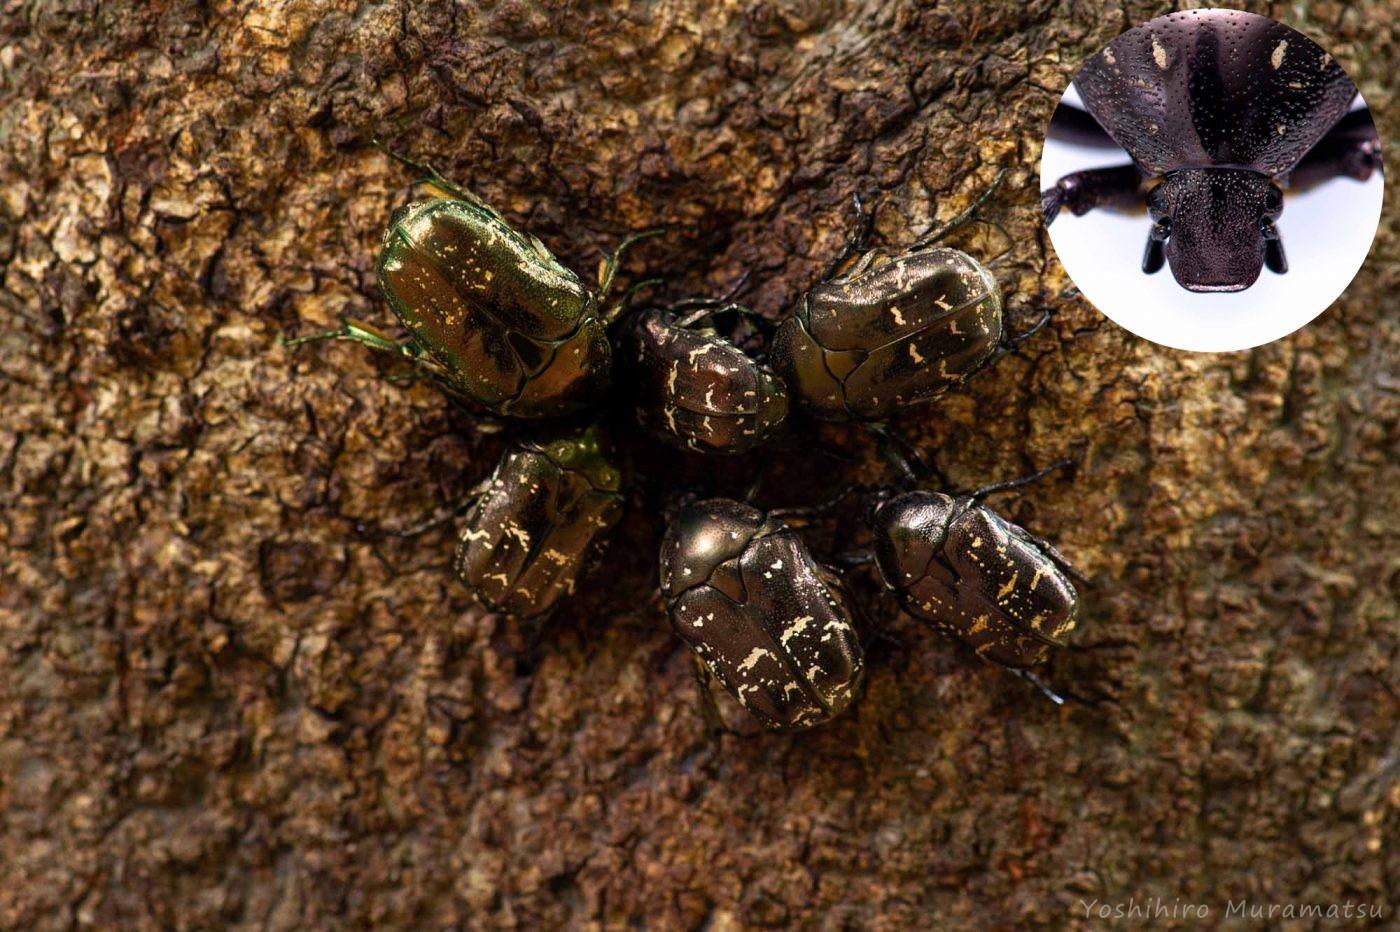 シラホシハナムグリの写真